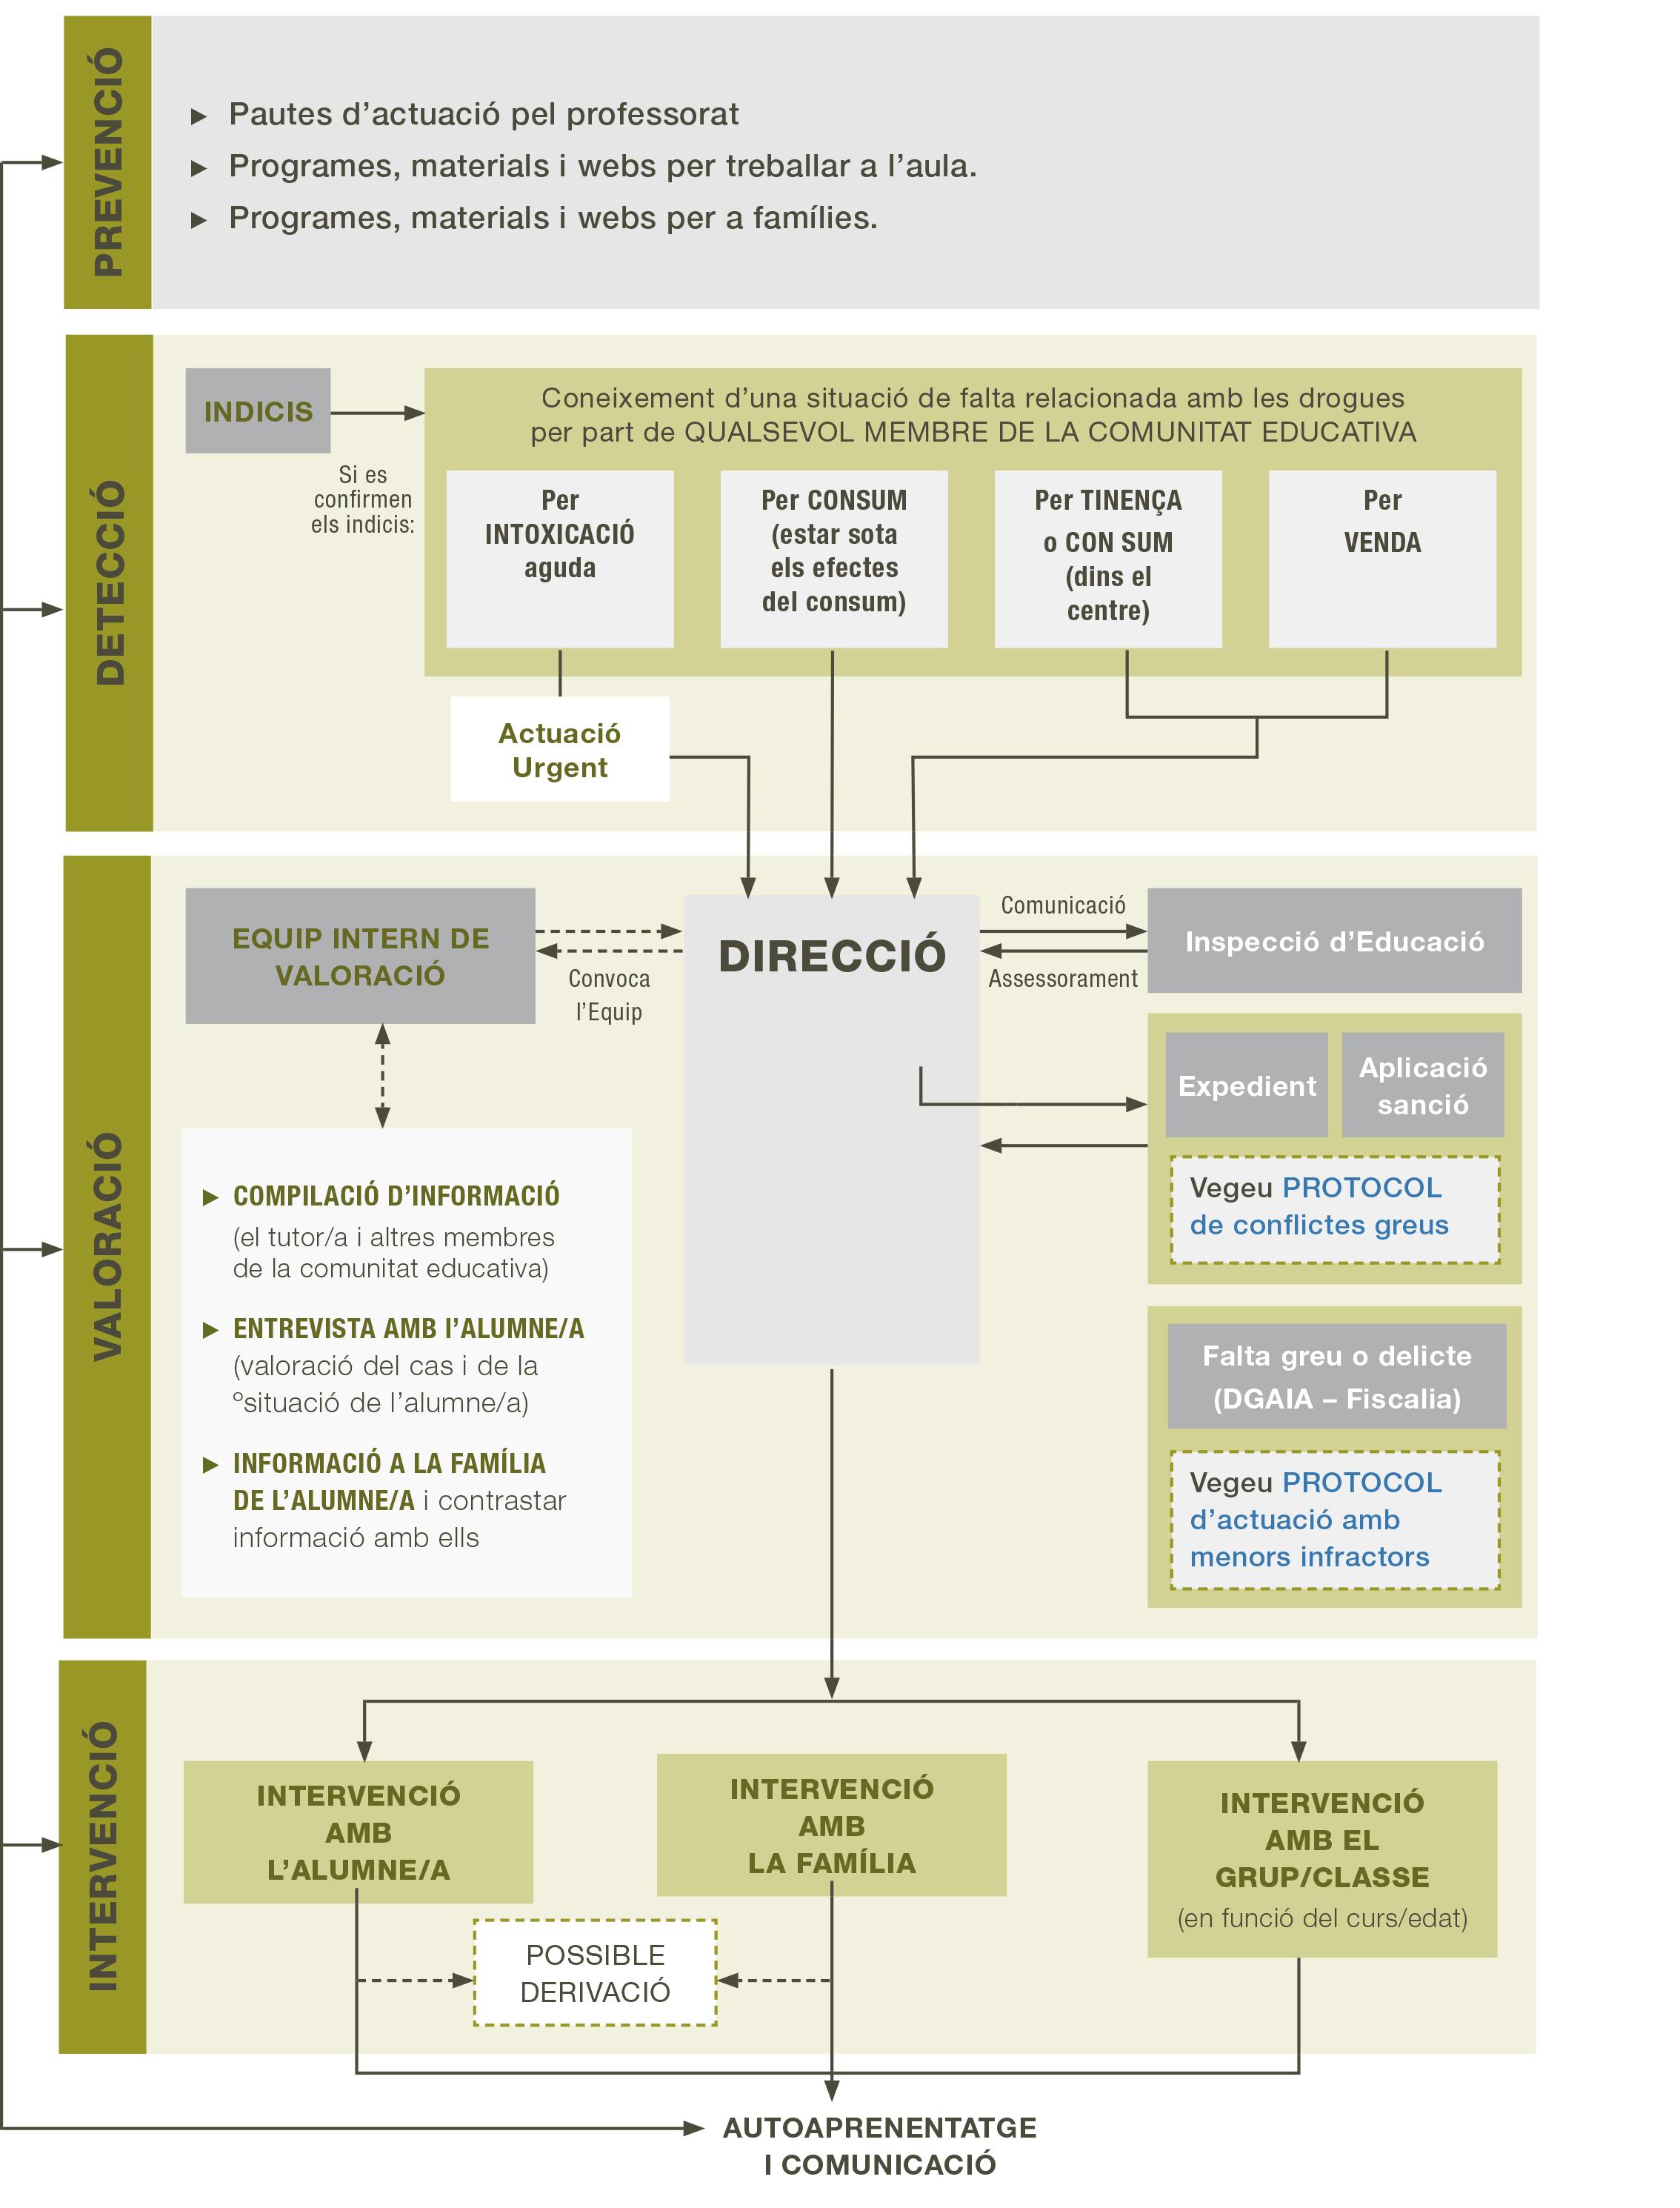 Protocol de prevenció de drogues als centres de secundària